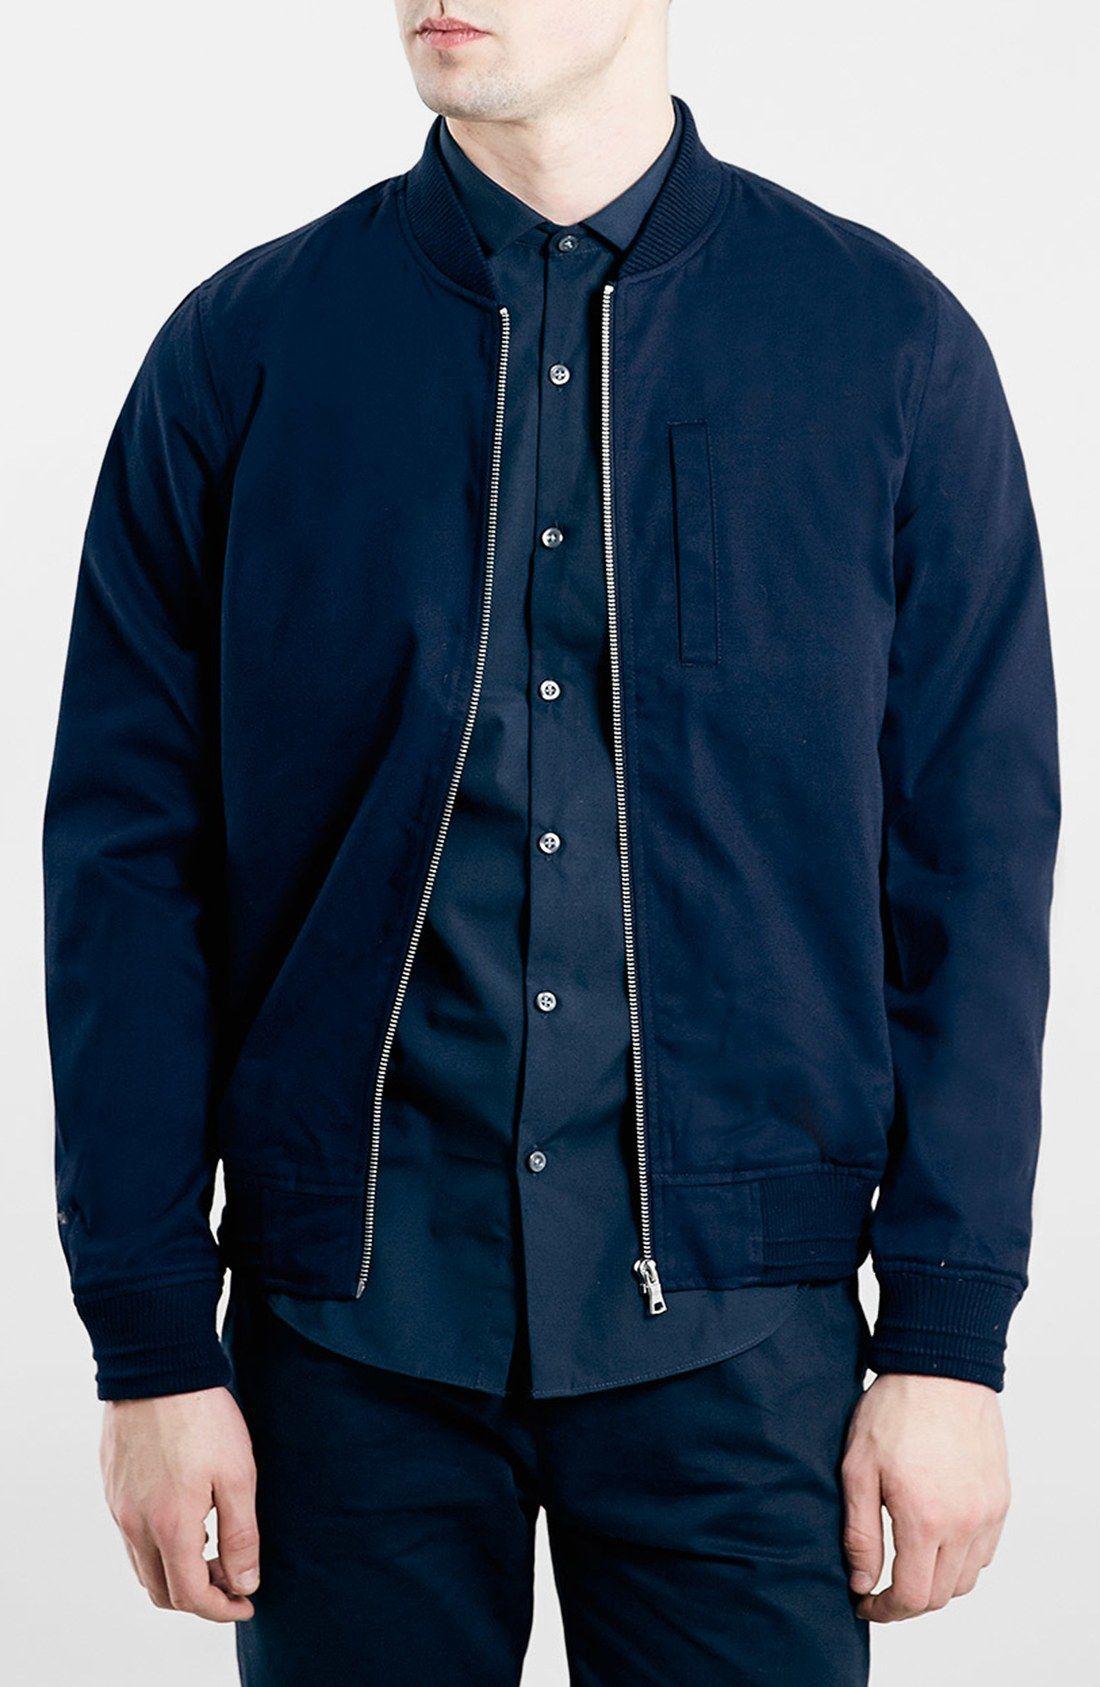 a180d880a Topman Navy Cotton Bomber Jacket | Menswear | Navy bomber jacket ...